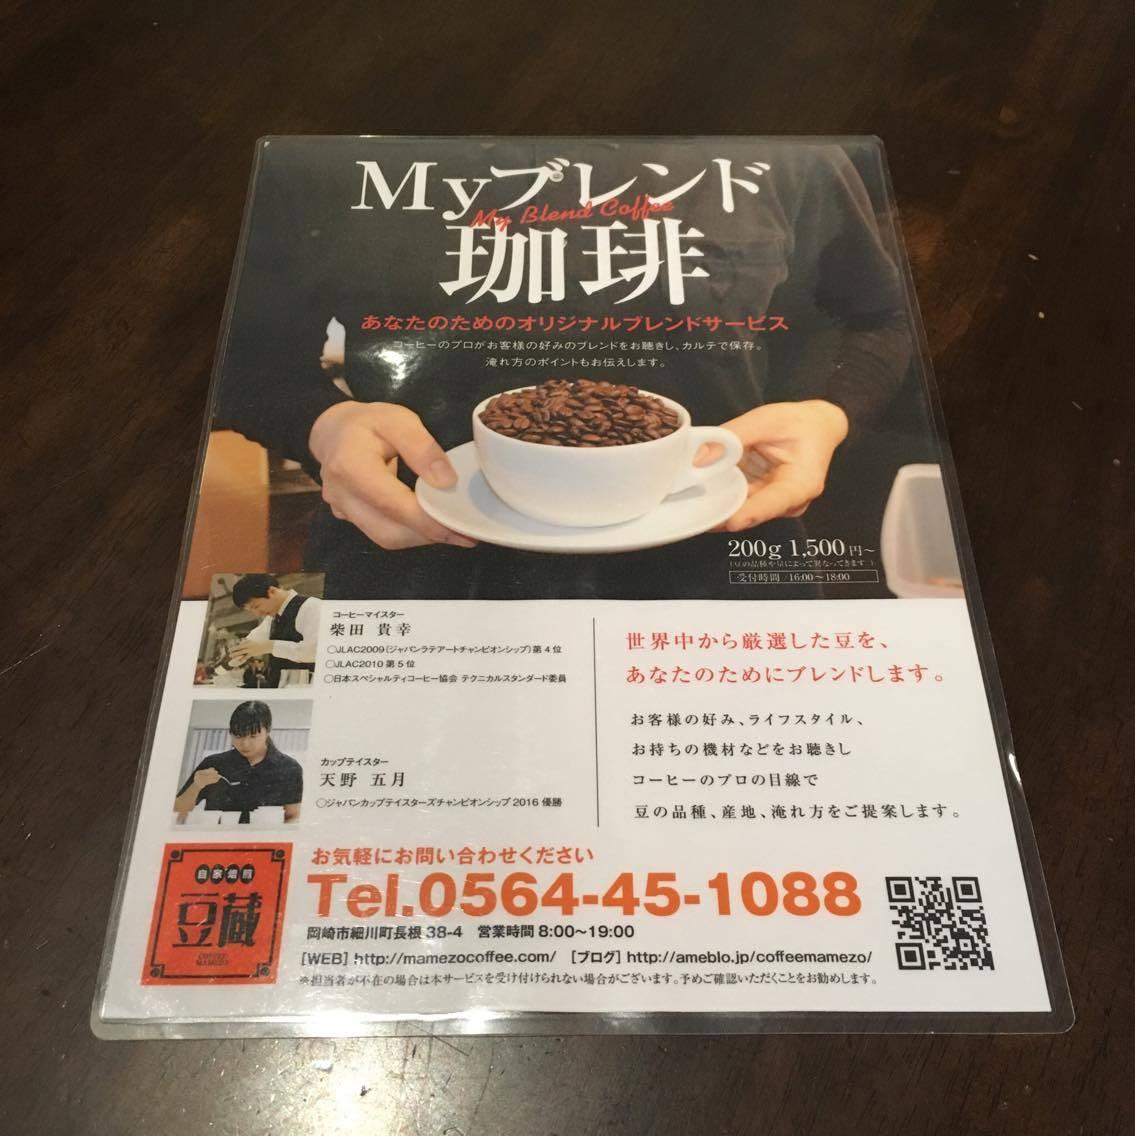 「珈琲通・豆蔵」がおくる、世界準チャンピオンが作る世界に一つのブレンドコーヒー - 19238338 1543421819066315 1061827669 o